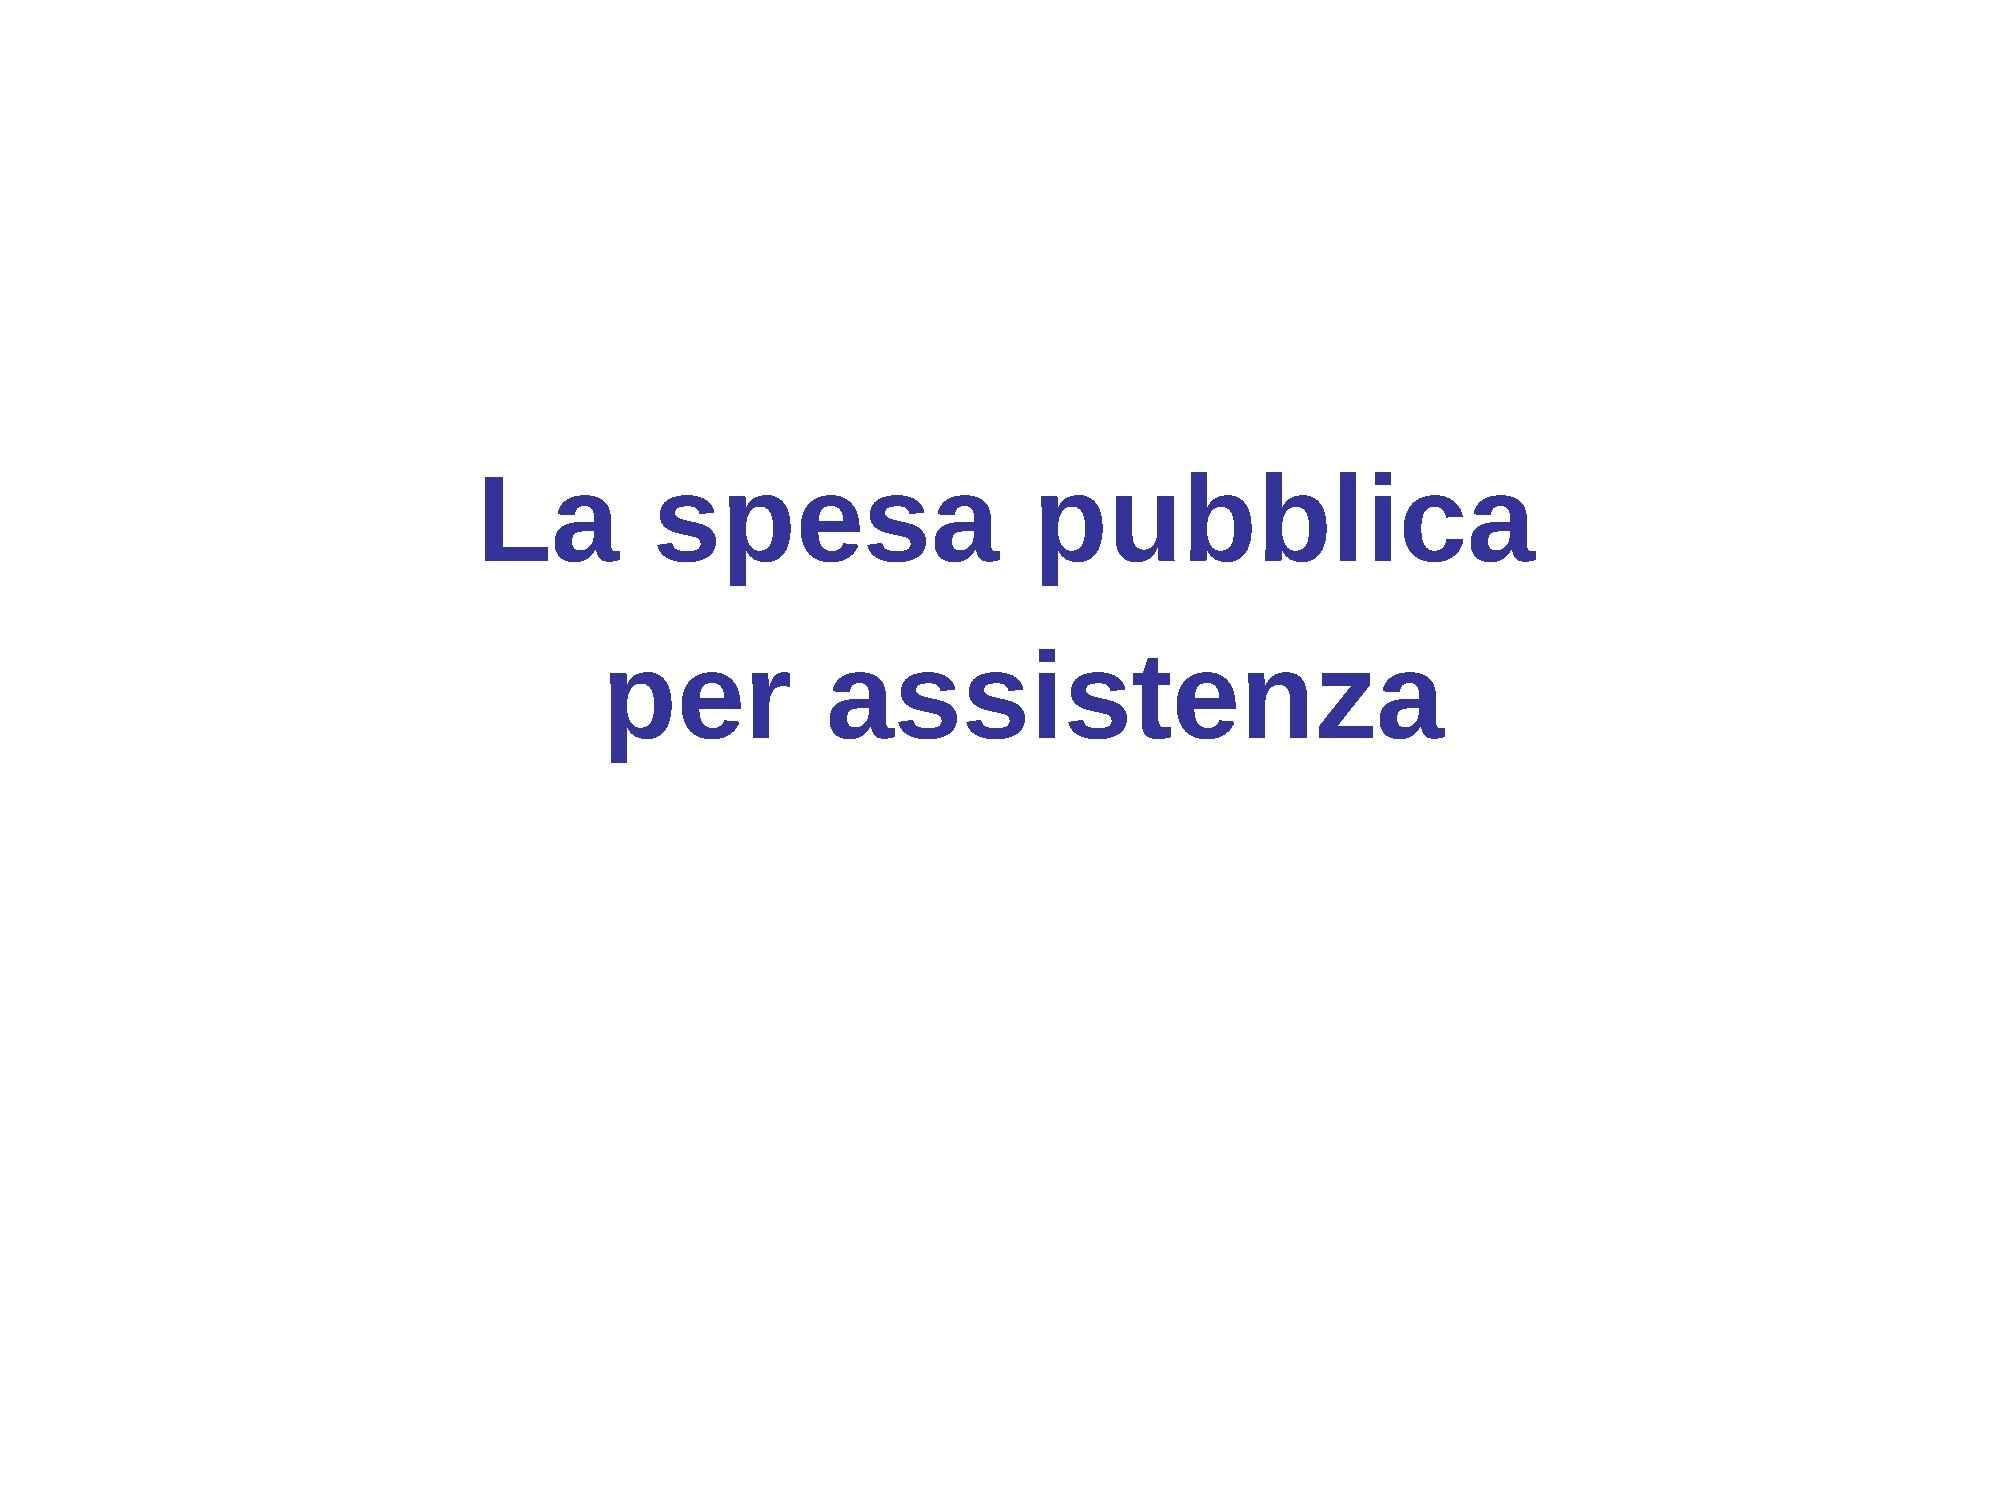 dispensa S. Toso Economia pubblica